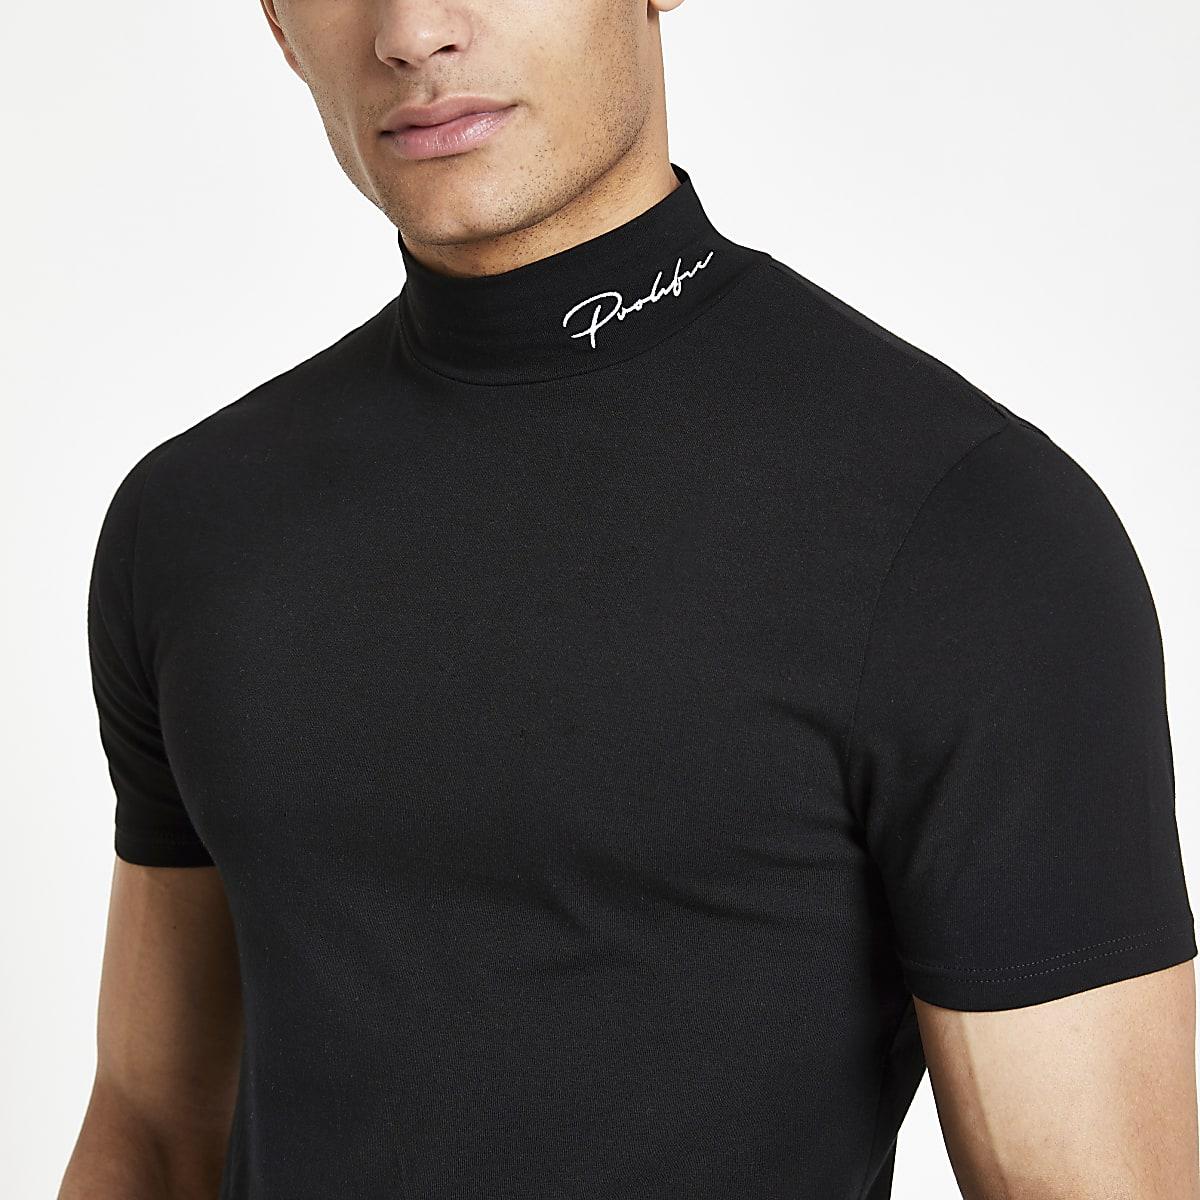 Zwart strak T-shirt met 'Prolific'-print en col